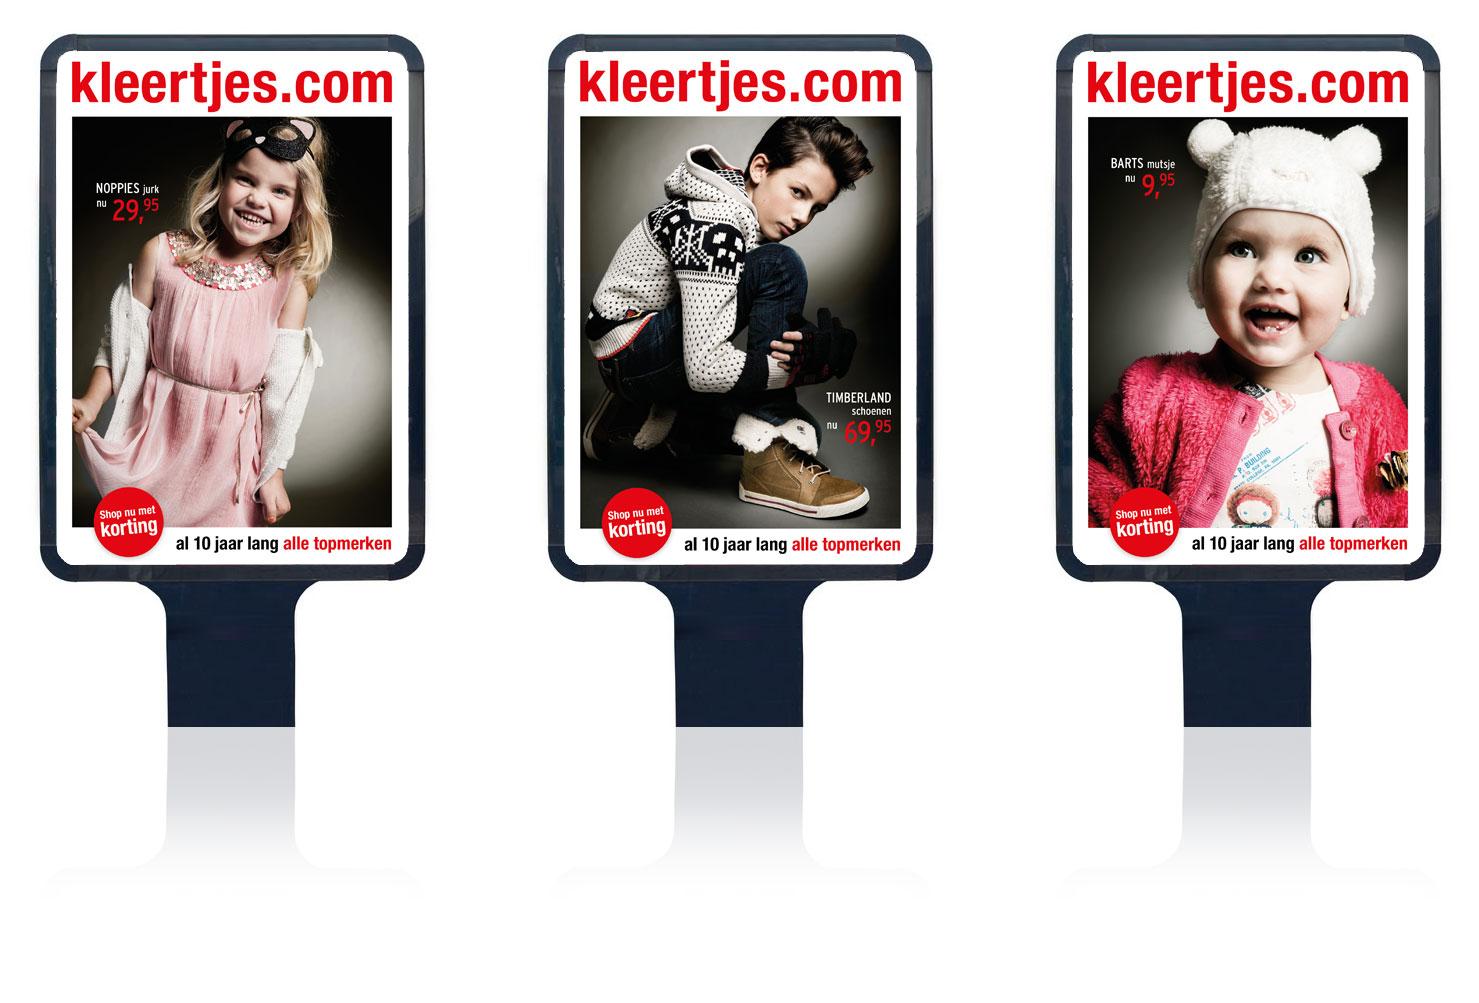 grafisch ontwerp van 3 abri posters voor kleertjes.com kerst